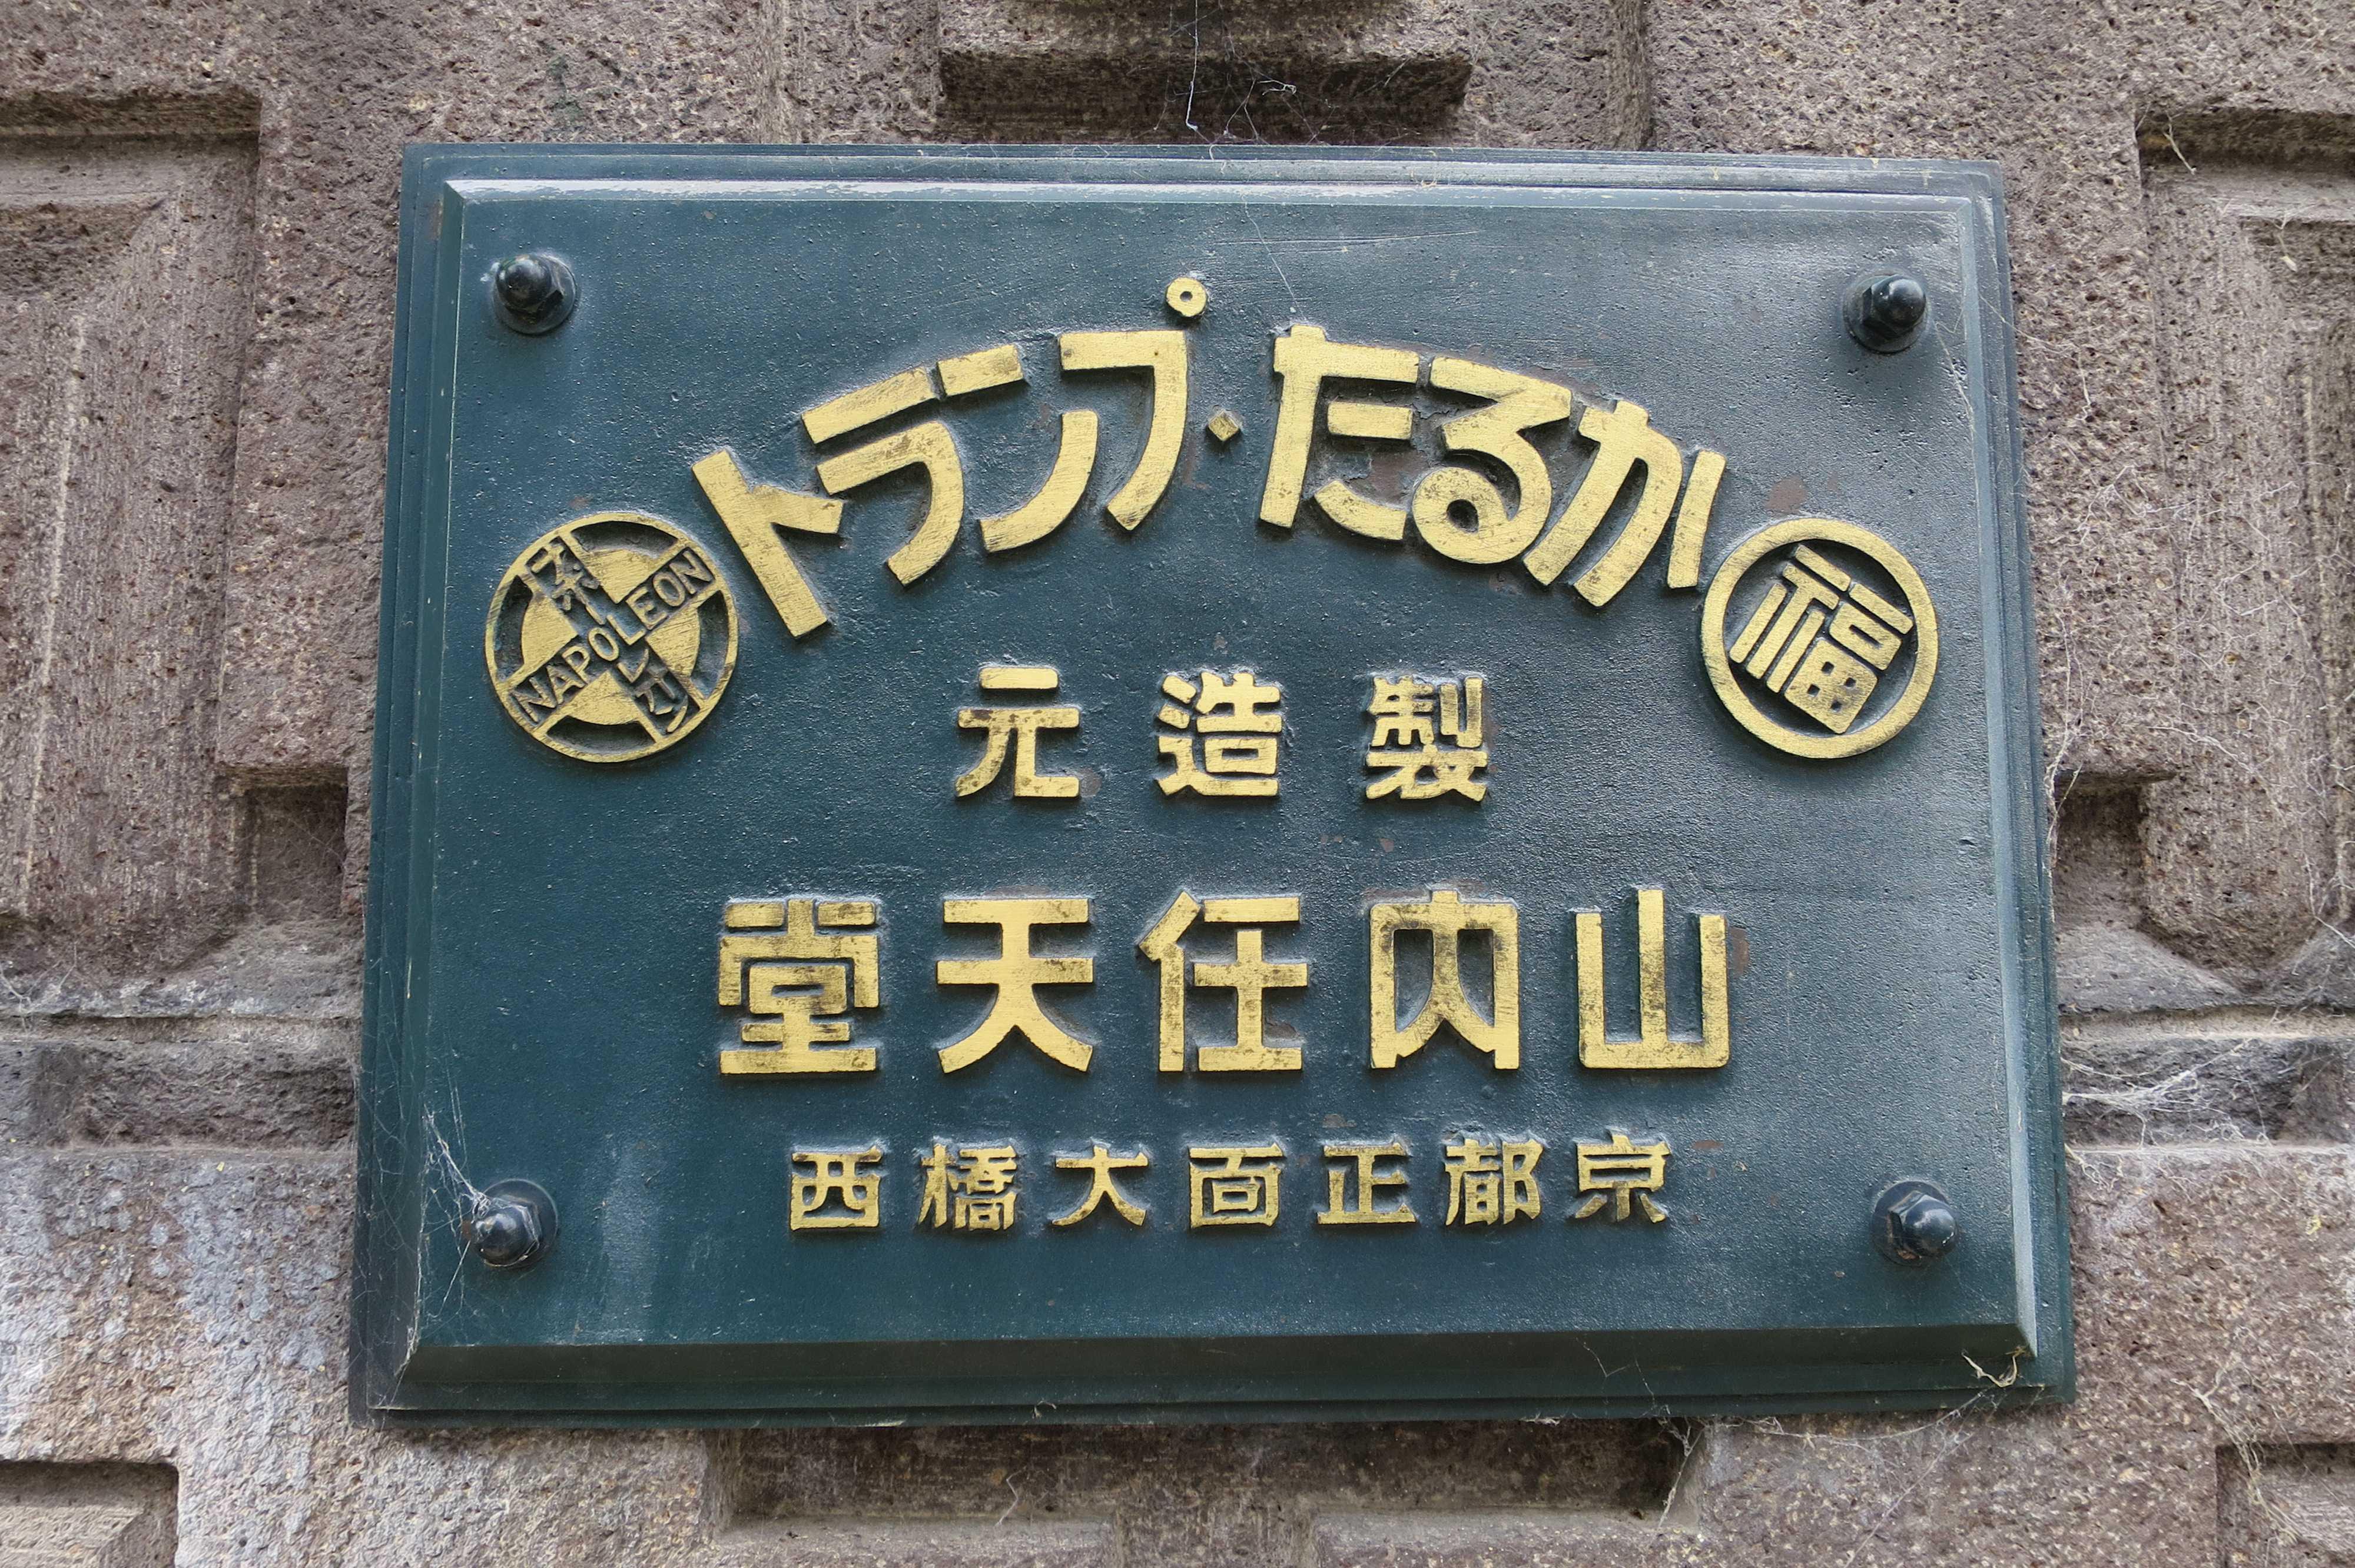 トランプ・かるた(たるか)製造元 山内任天堂 京都正面大橋西